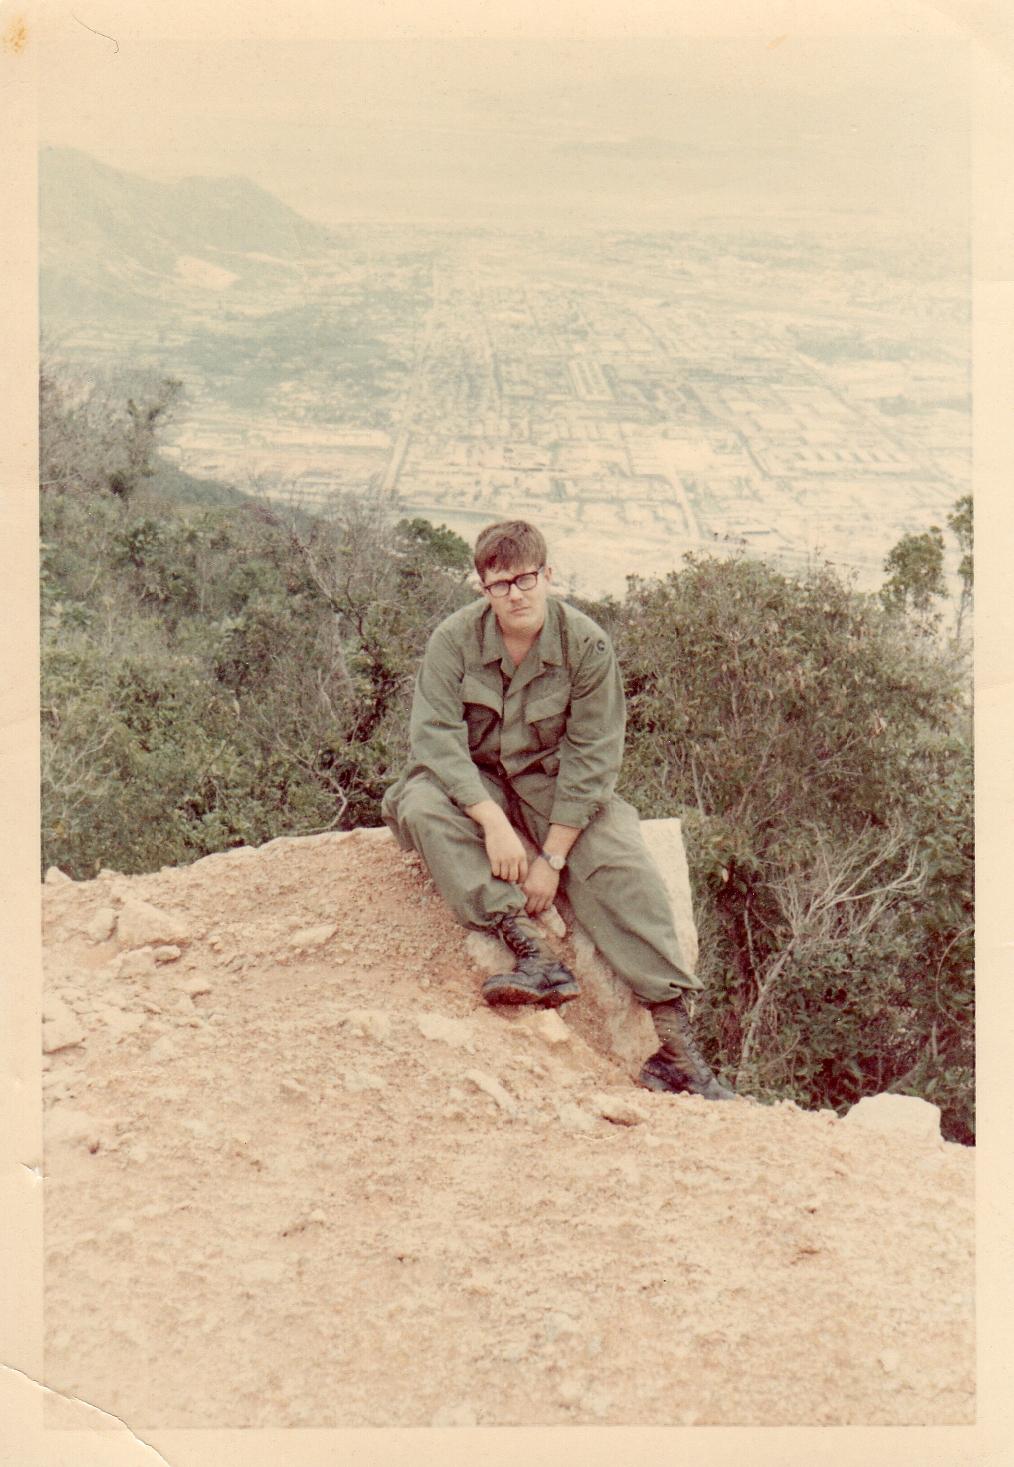 Don Graber, 1969, Vung Tau.